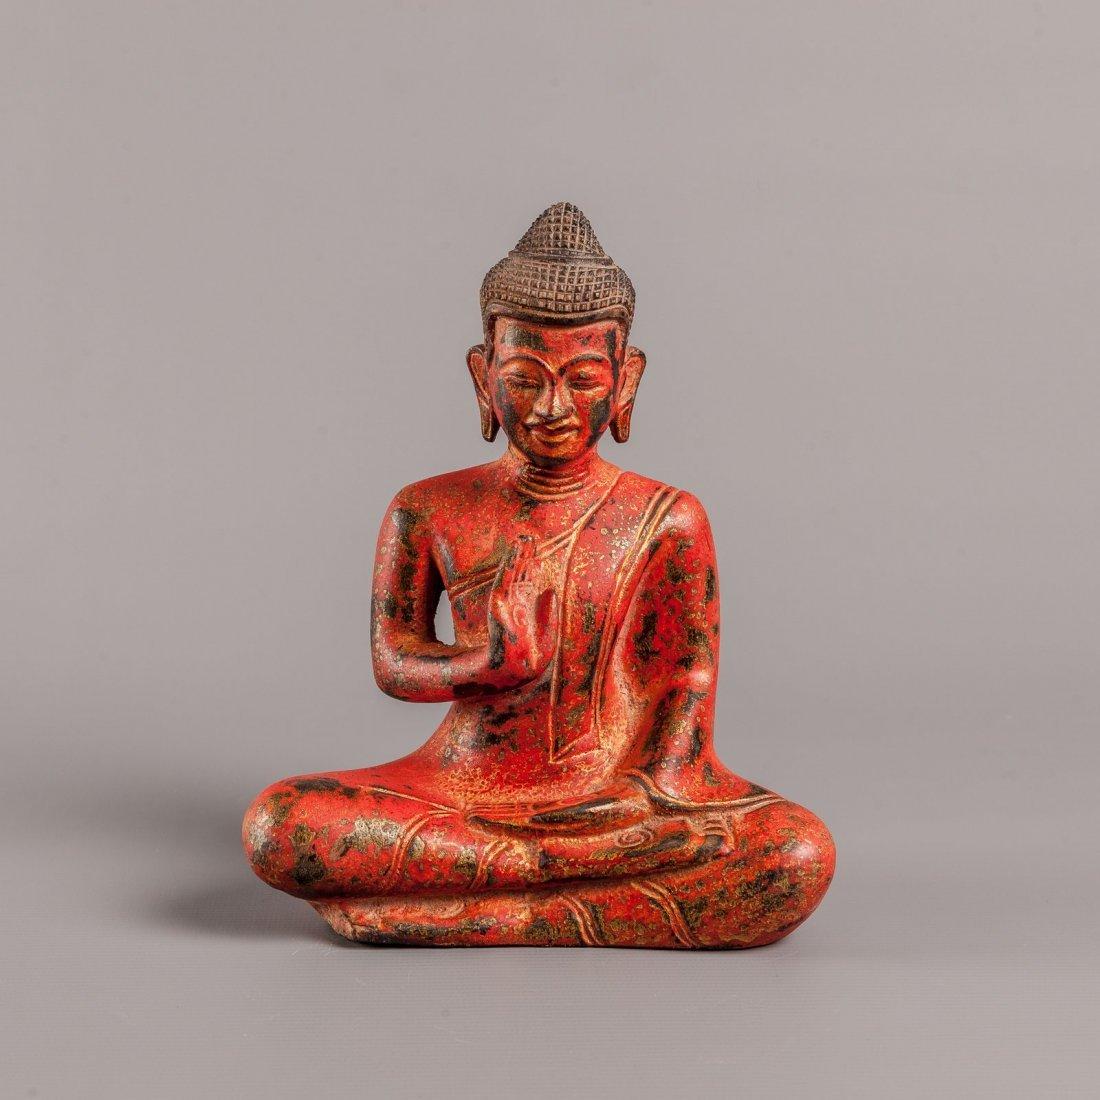 Antique Style Seated Cambodia Teak Wood Buddha